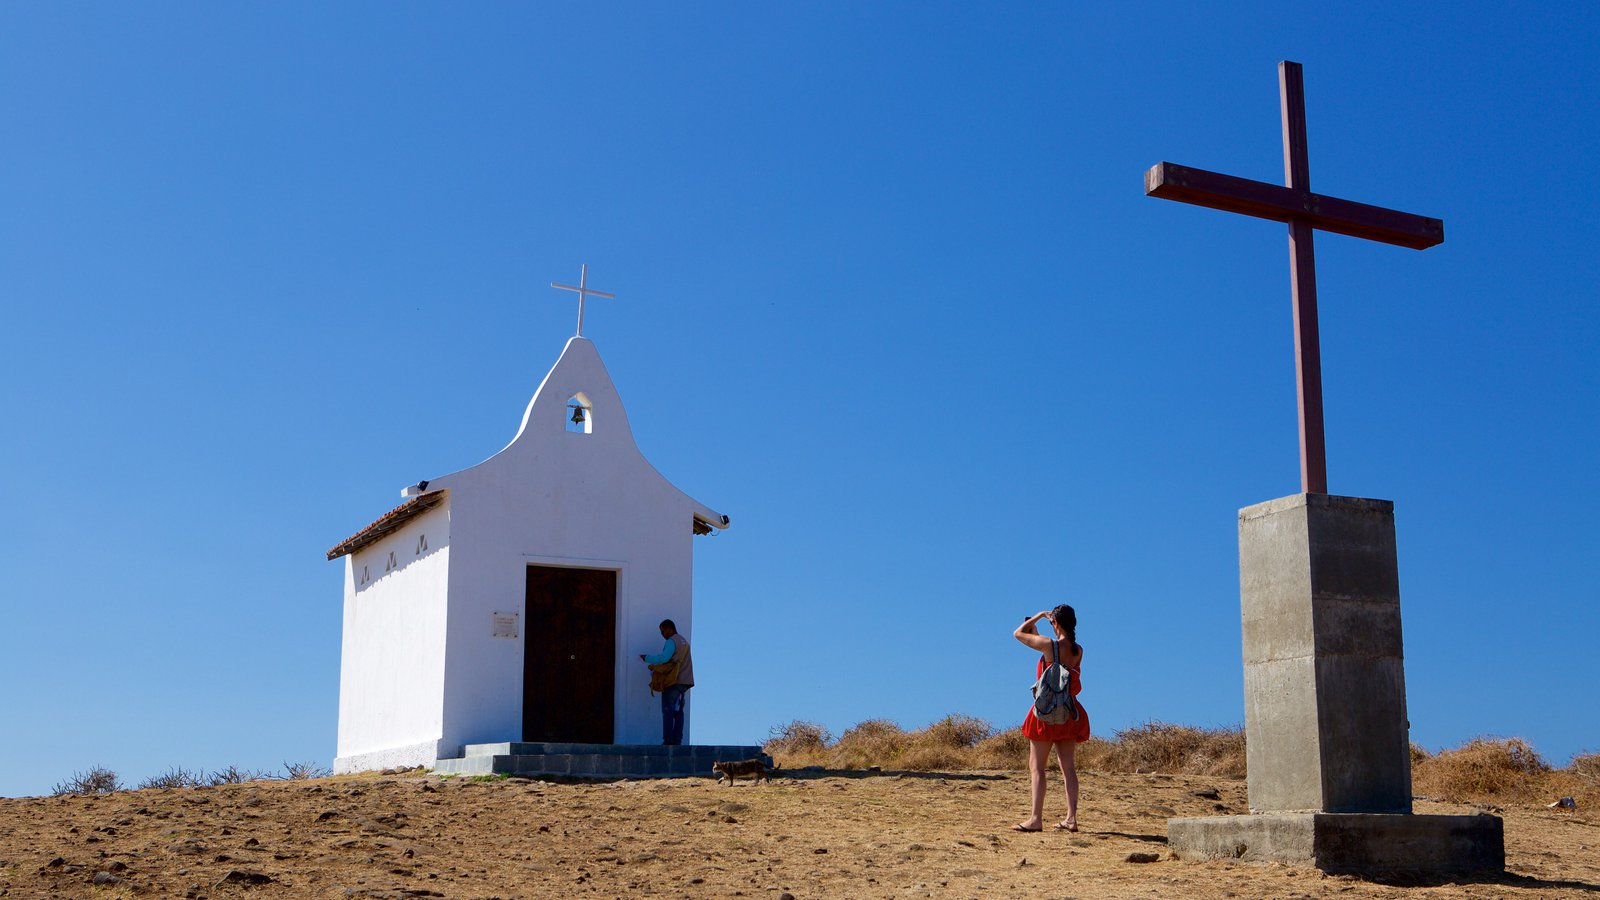 Capela de São Pedro que inclui uma igreja ou catedral e elementos religiosos assim como um casal